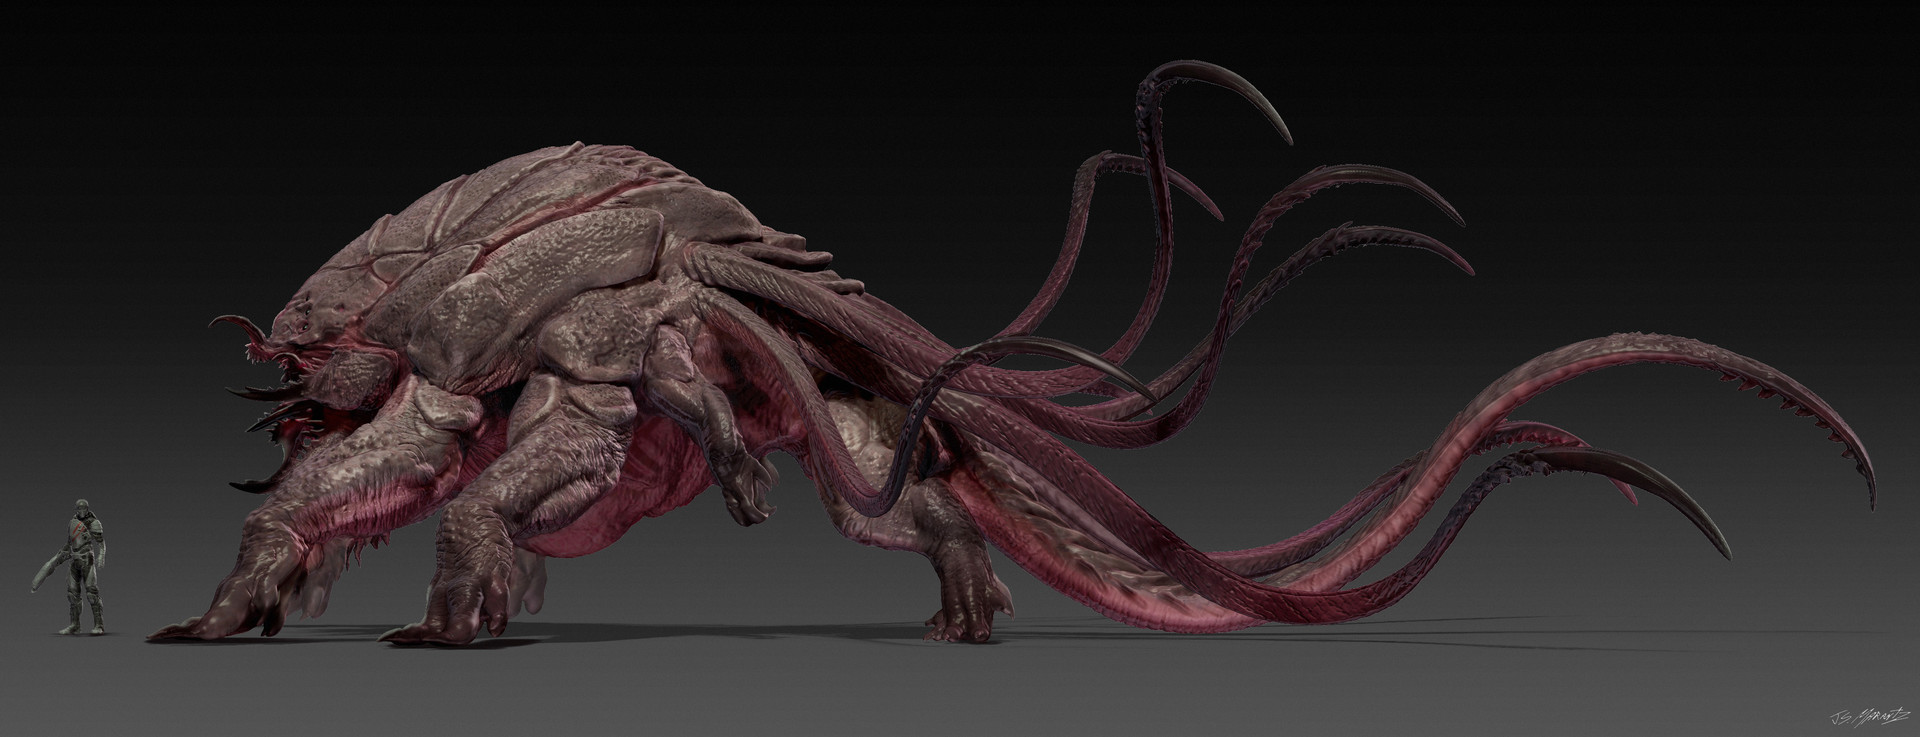 Jerx marantz monster side 1